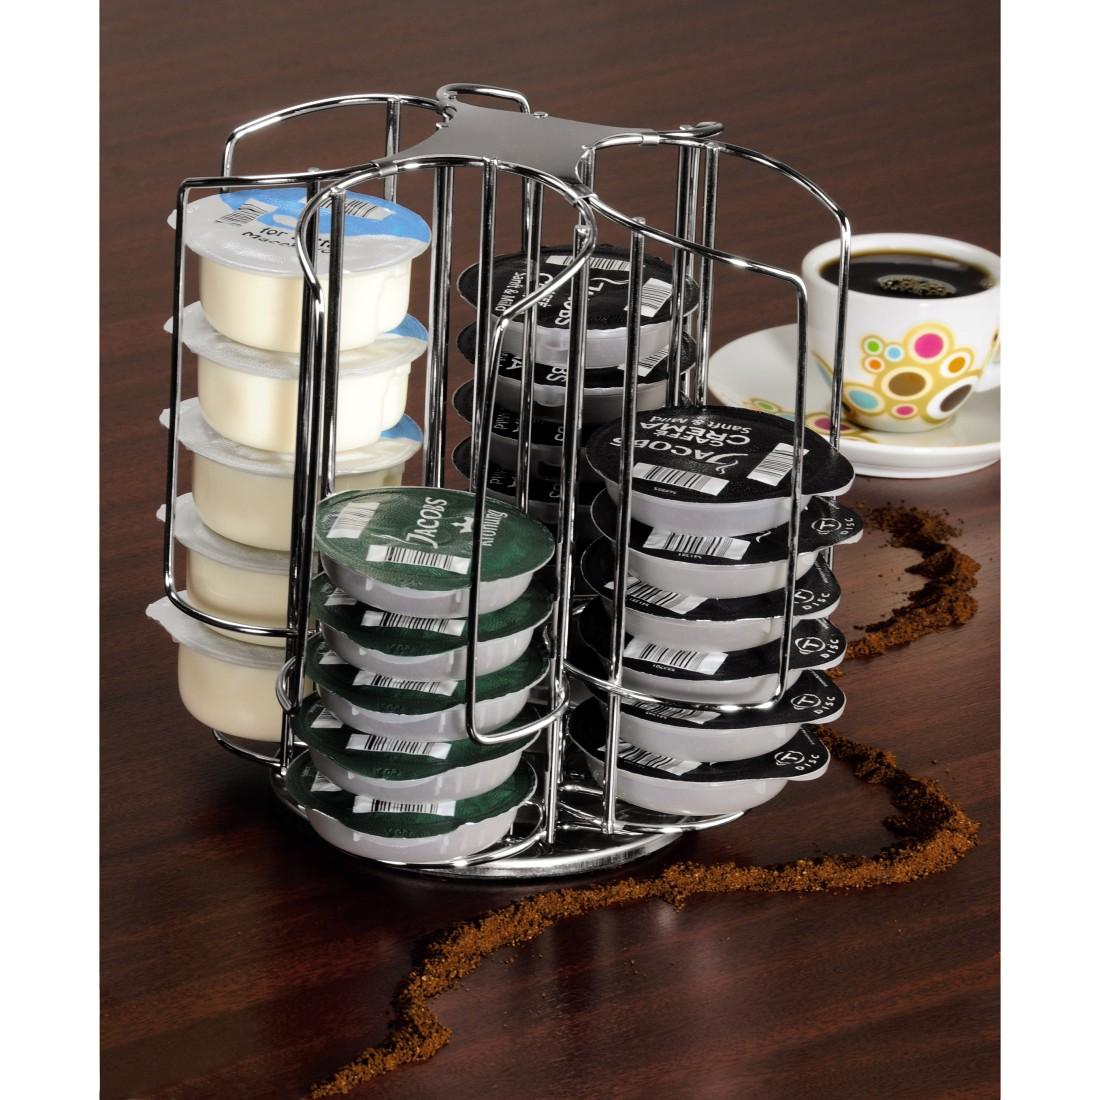 00111181 xavax kaffee kapselst nder rondelino f r tassimo 40 kapseln. Black Bedroom Furniture Sets. Home Design Ideas